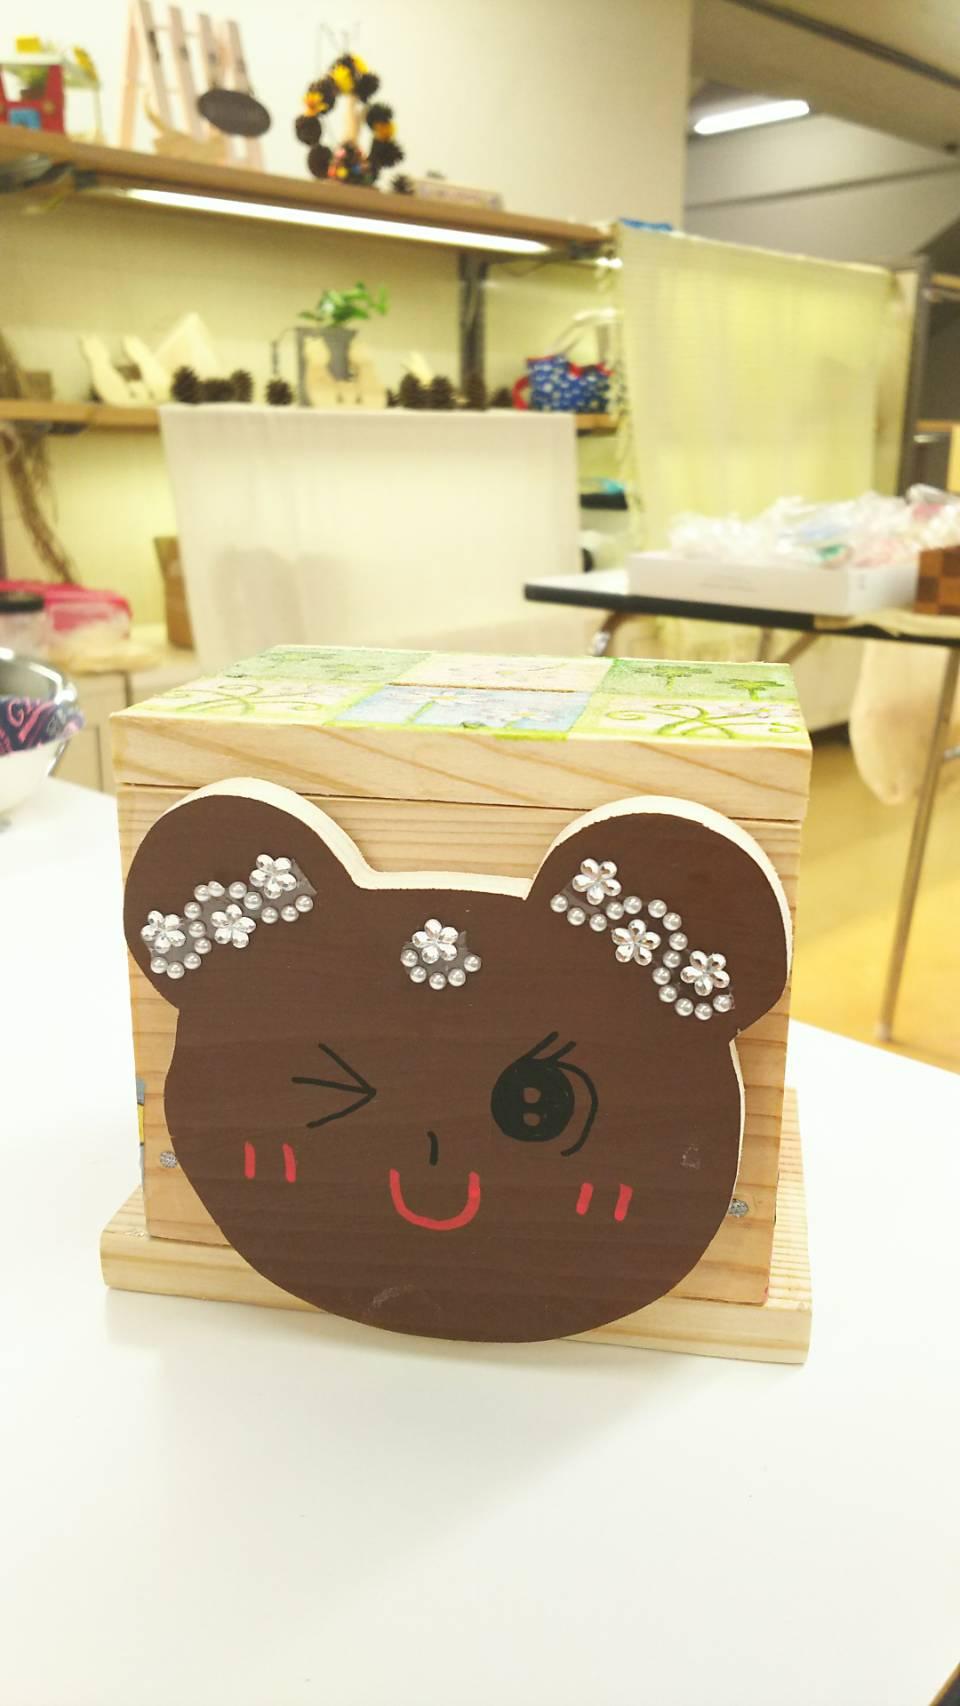 ボックス型ちょ金箱 くまのプレートを女の子らしくデコレーションした愛らしい作品